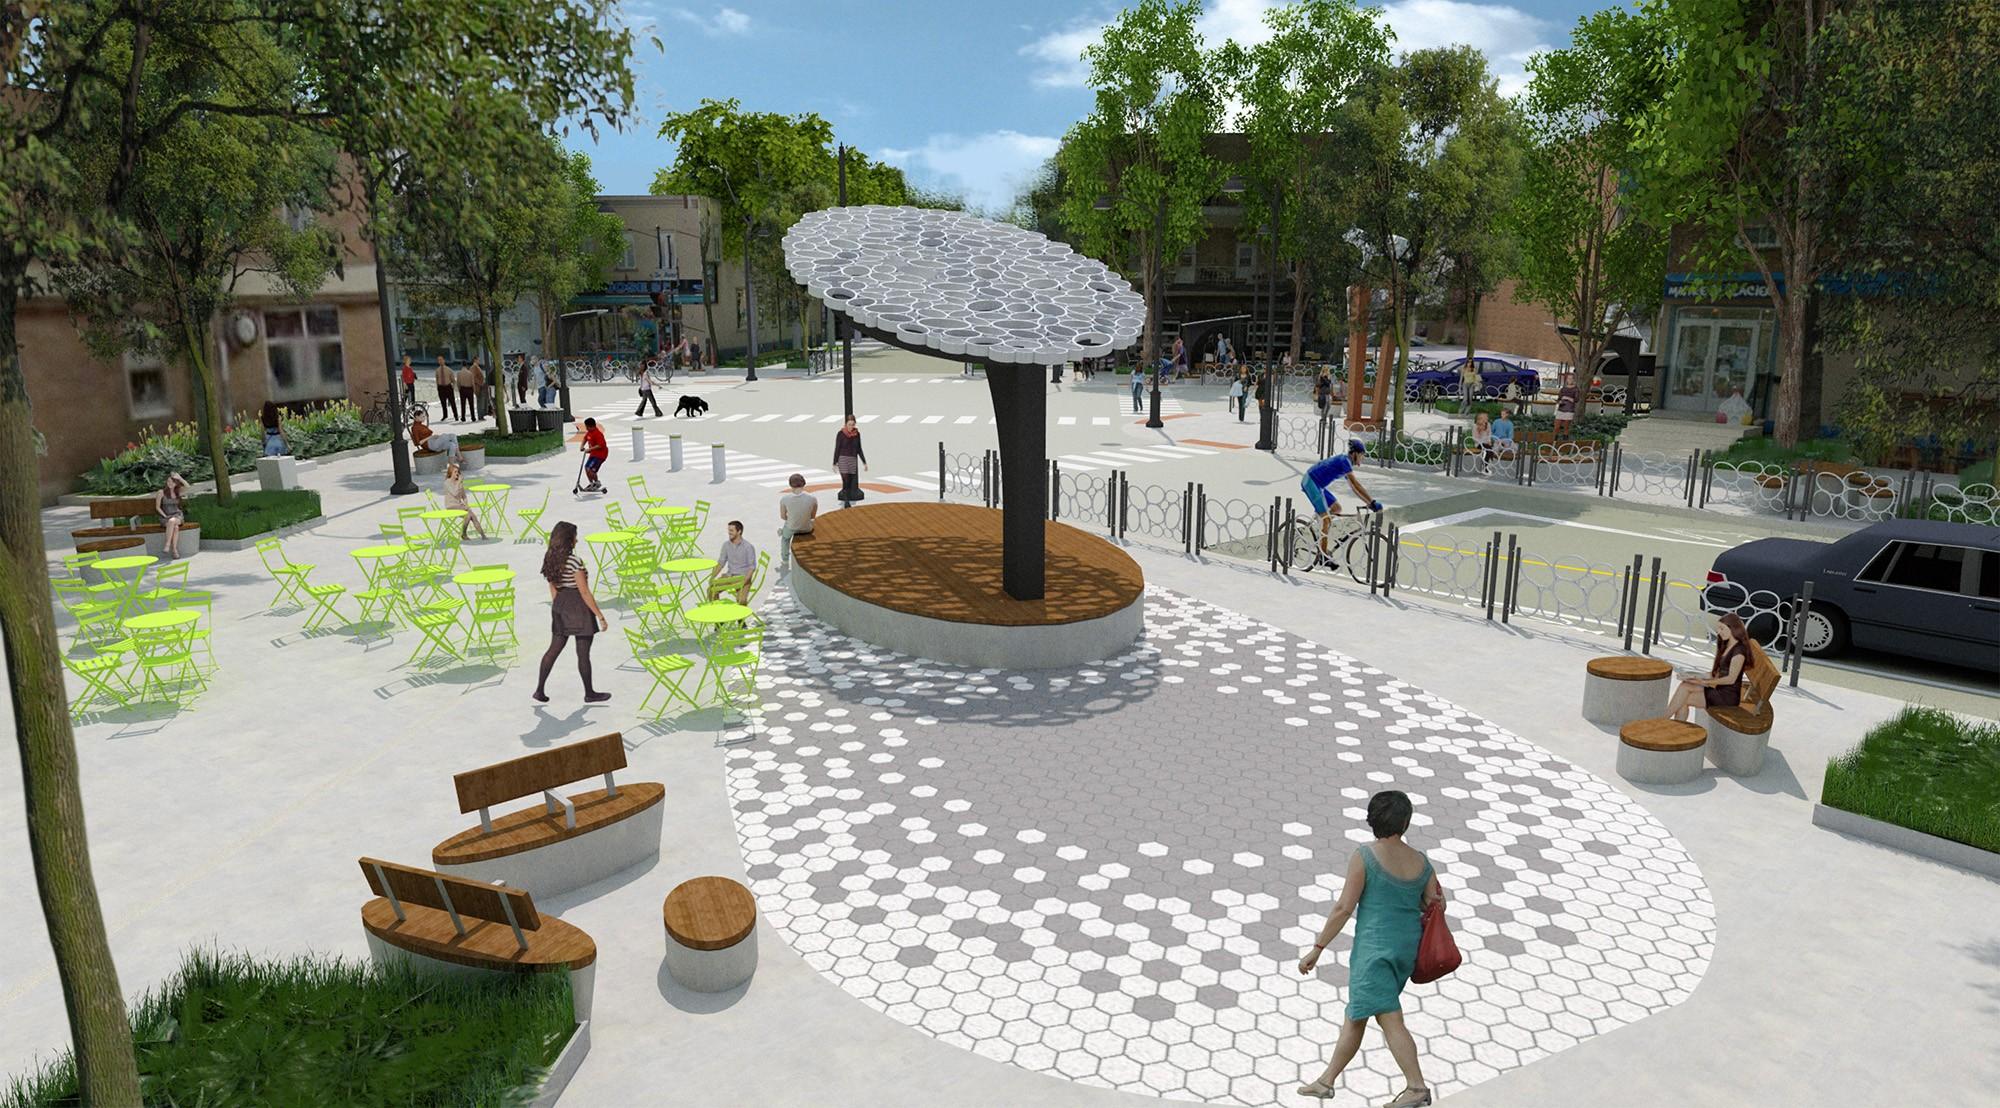 La future Place Limoilou se révèle : premières images | 10 juillet 2017 | Article par Raymond Poirier